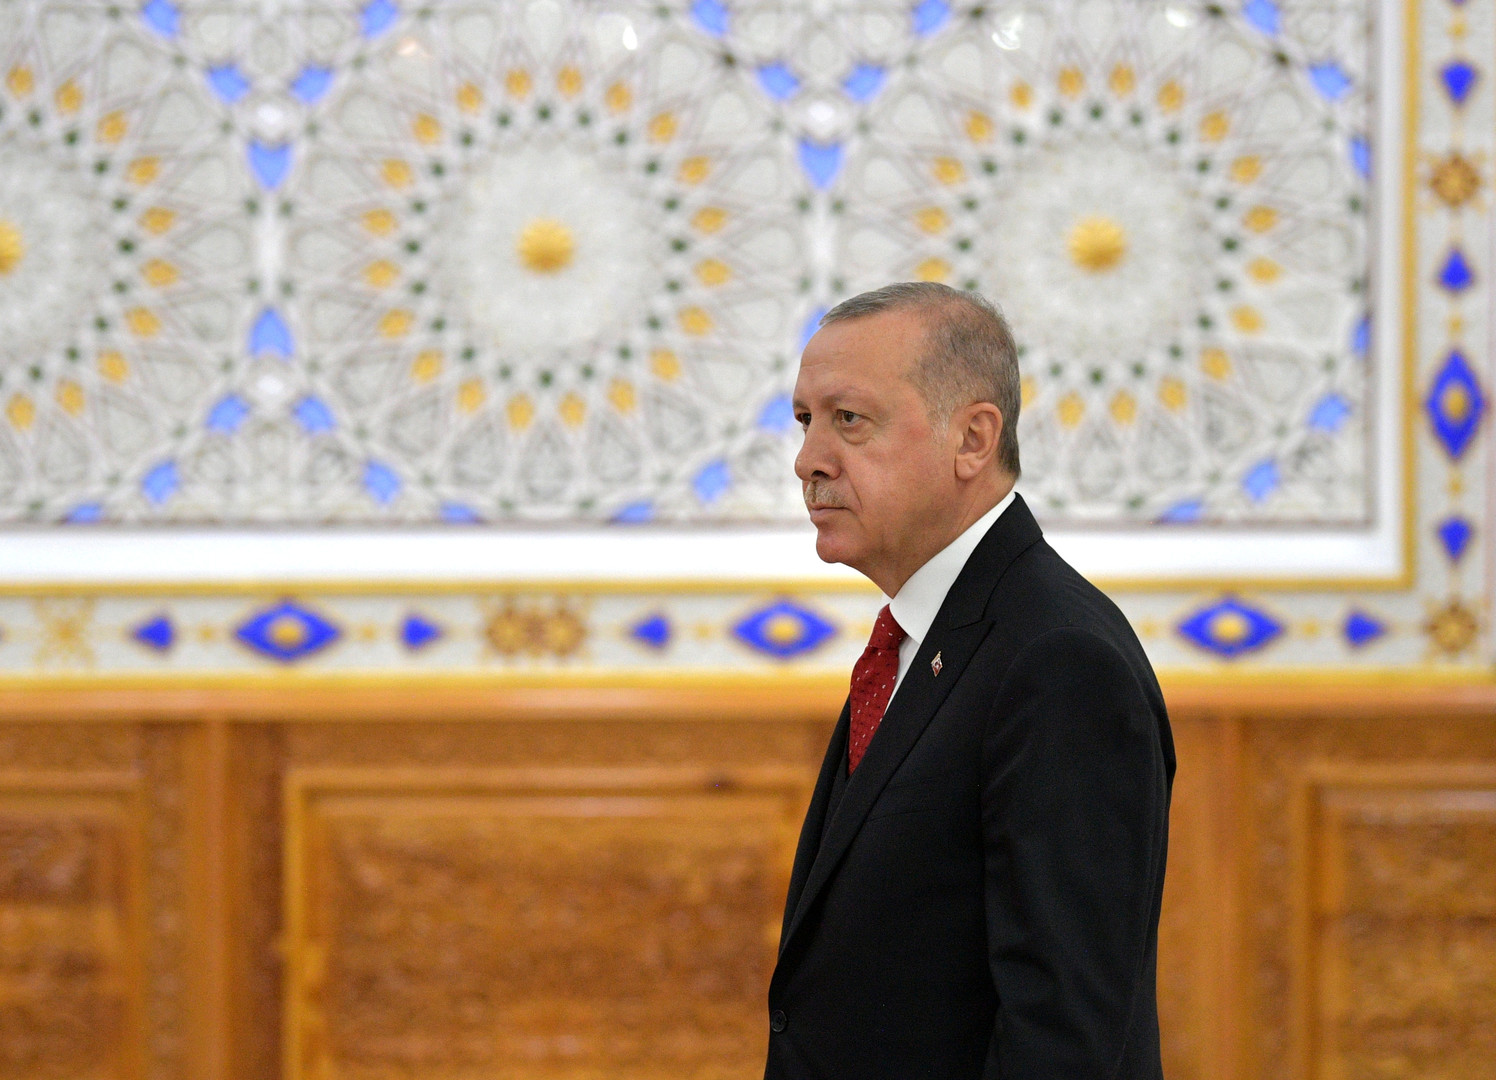 الرئيس التركي، رجب طيب أردوغان، خلال أعمال الدورة الخامسة لقمة